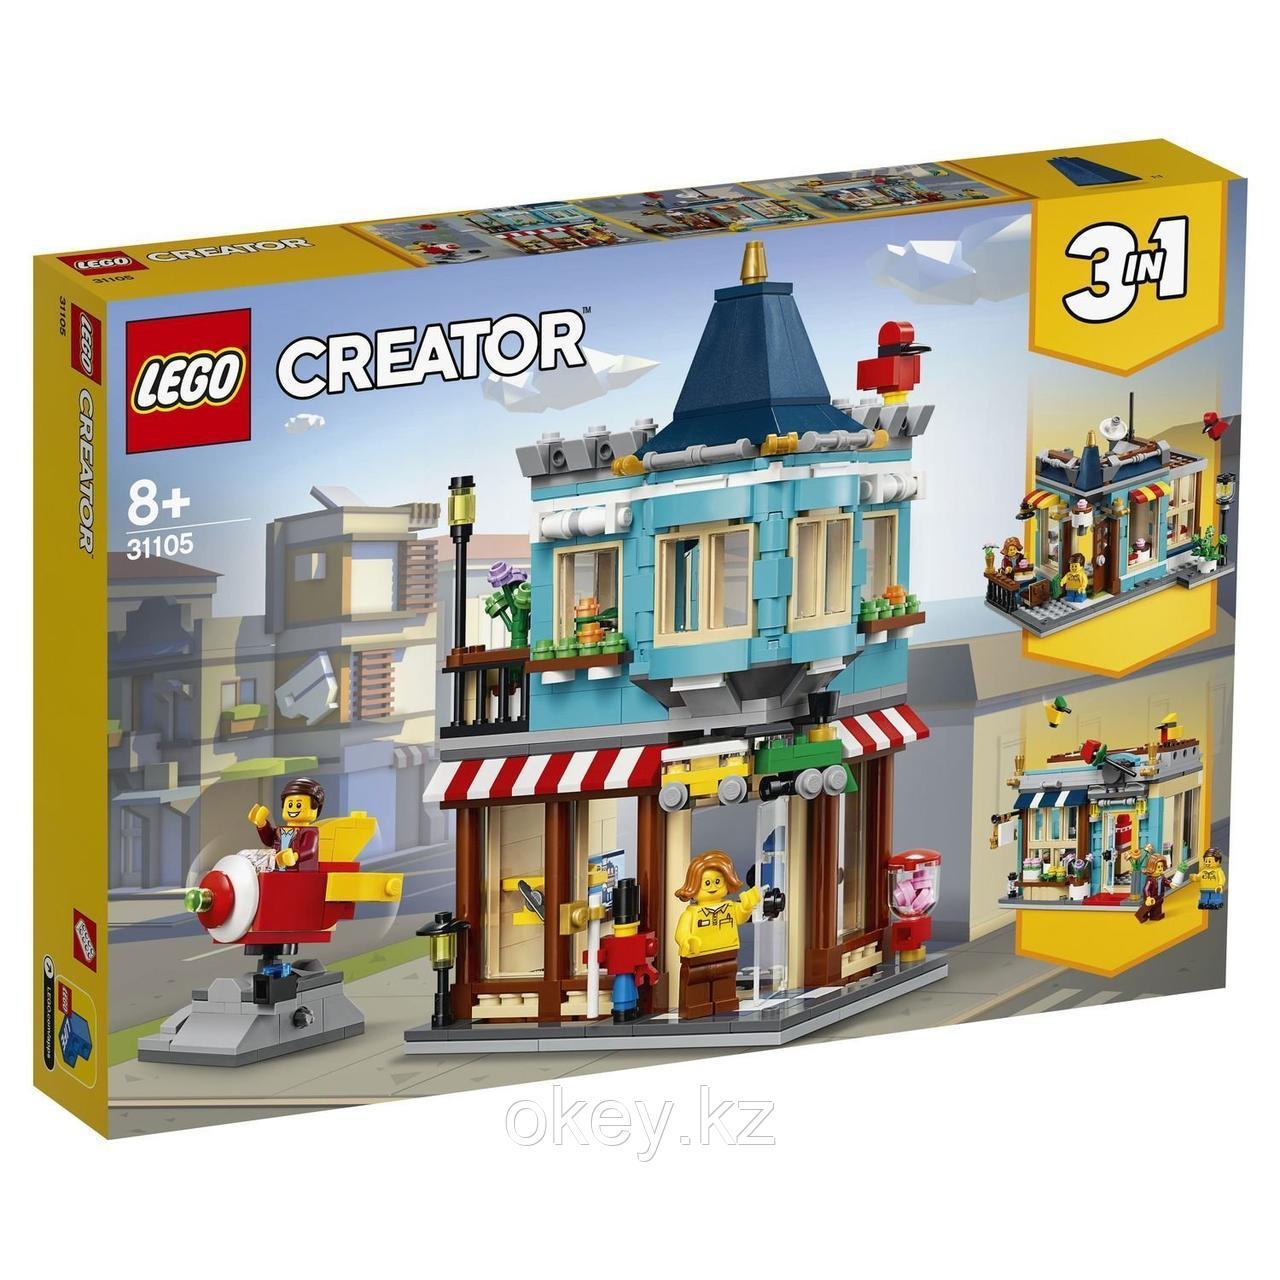 LEGO Creator: Городской магазин игрушек 31105